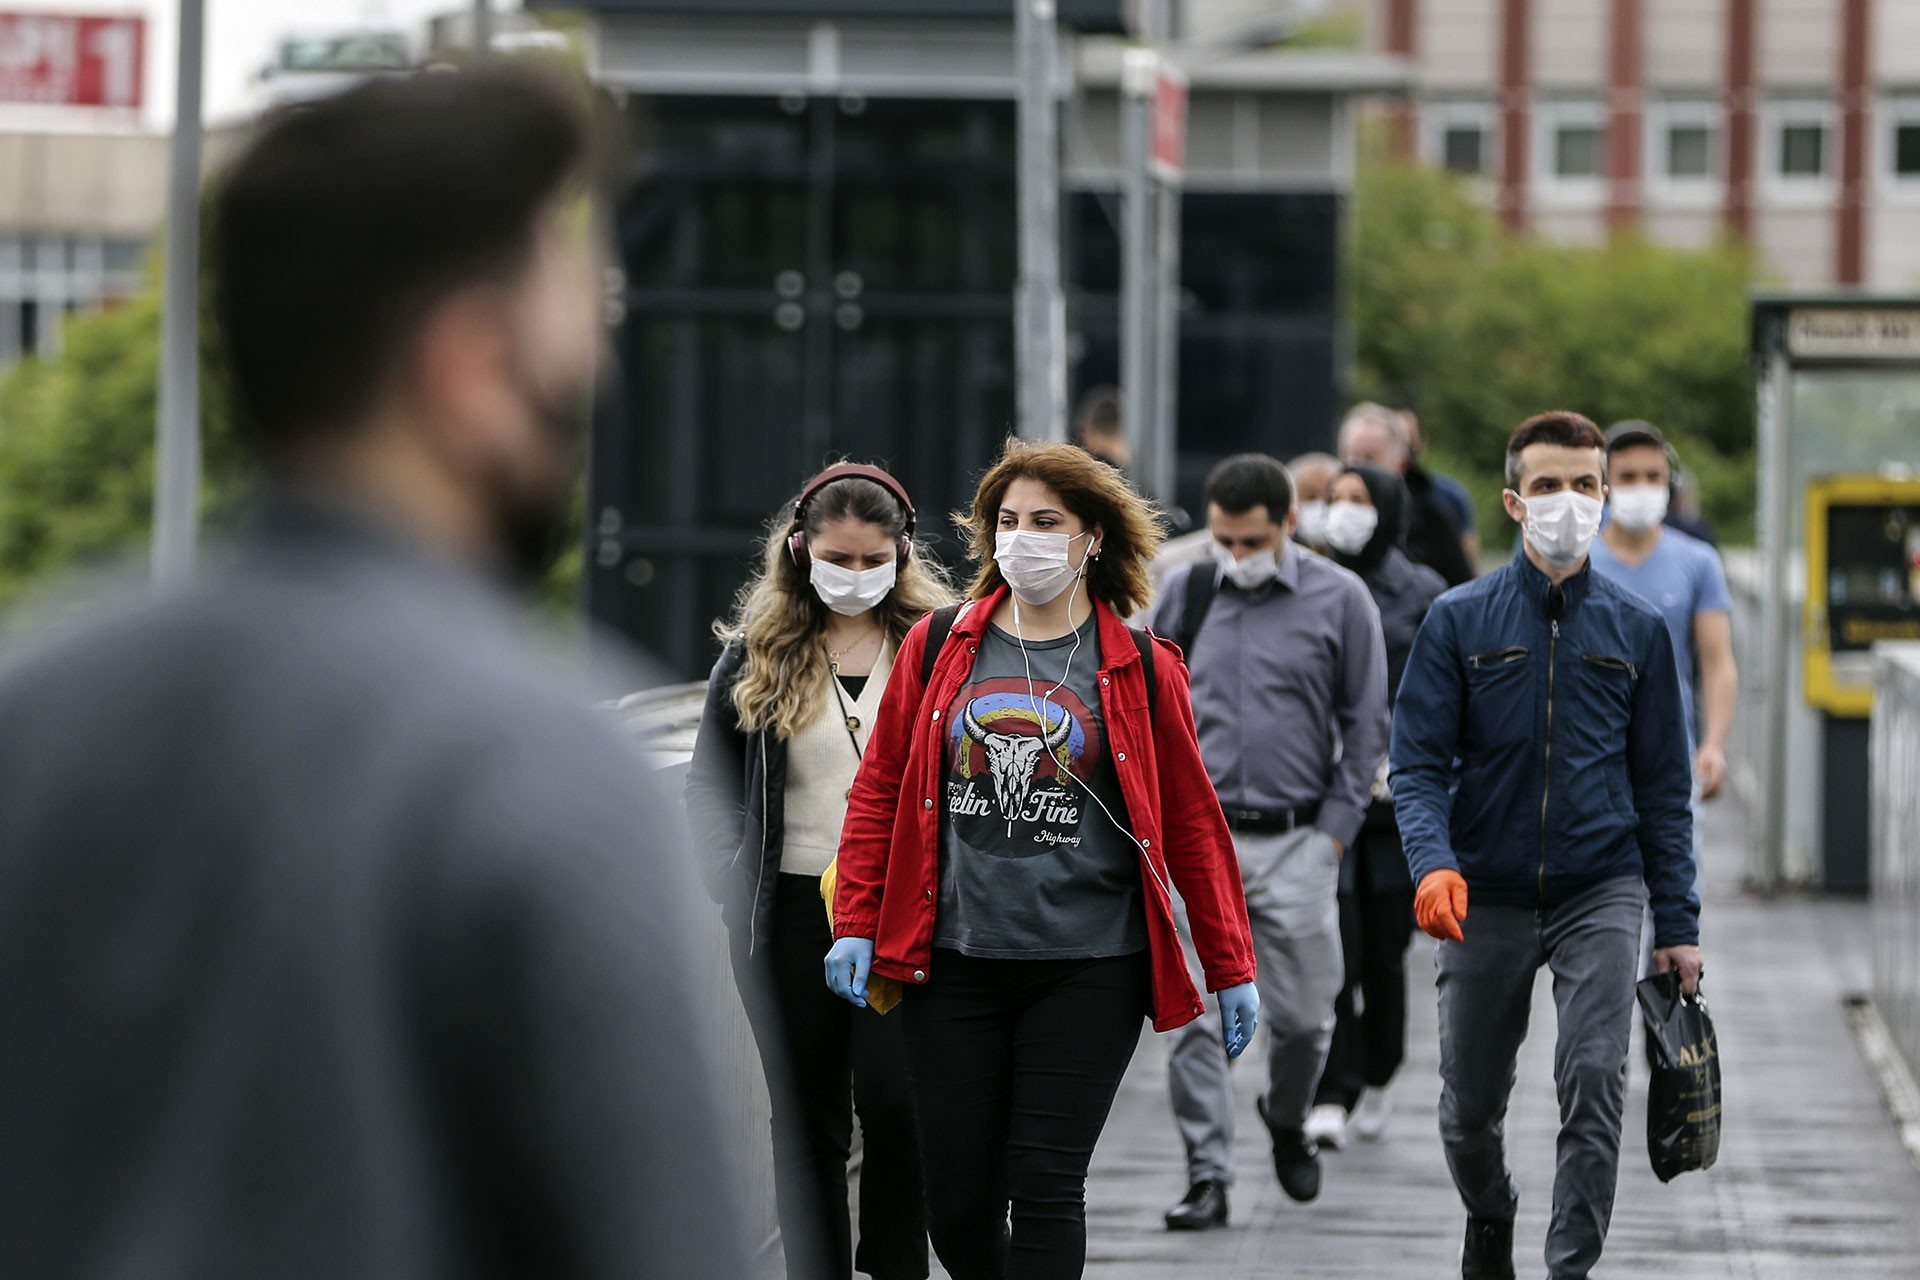 Maskeli yürüyen insanlar